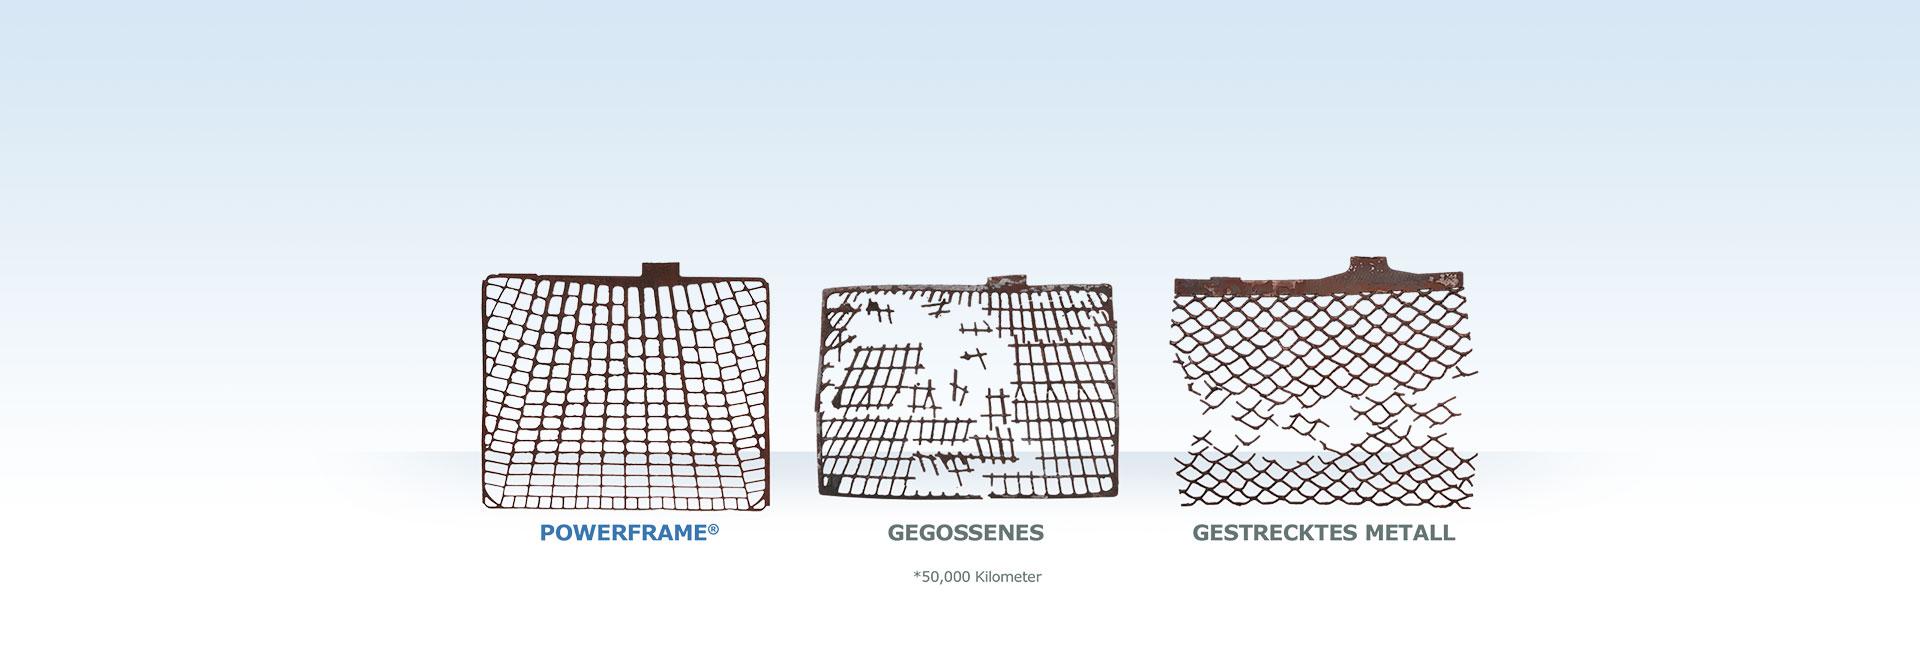 Vergleiche die Leistung der PowerFrame-Gittertechnologie mit den herkömmlichen Gittertechnologien anhand der Zeit